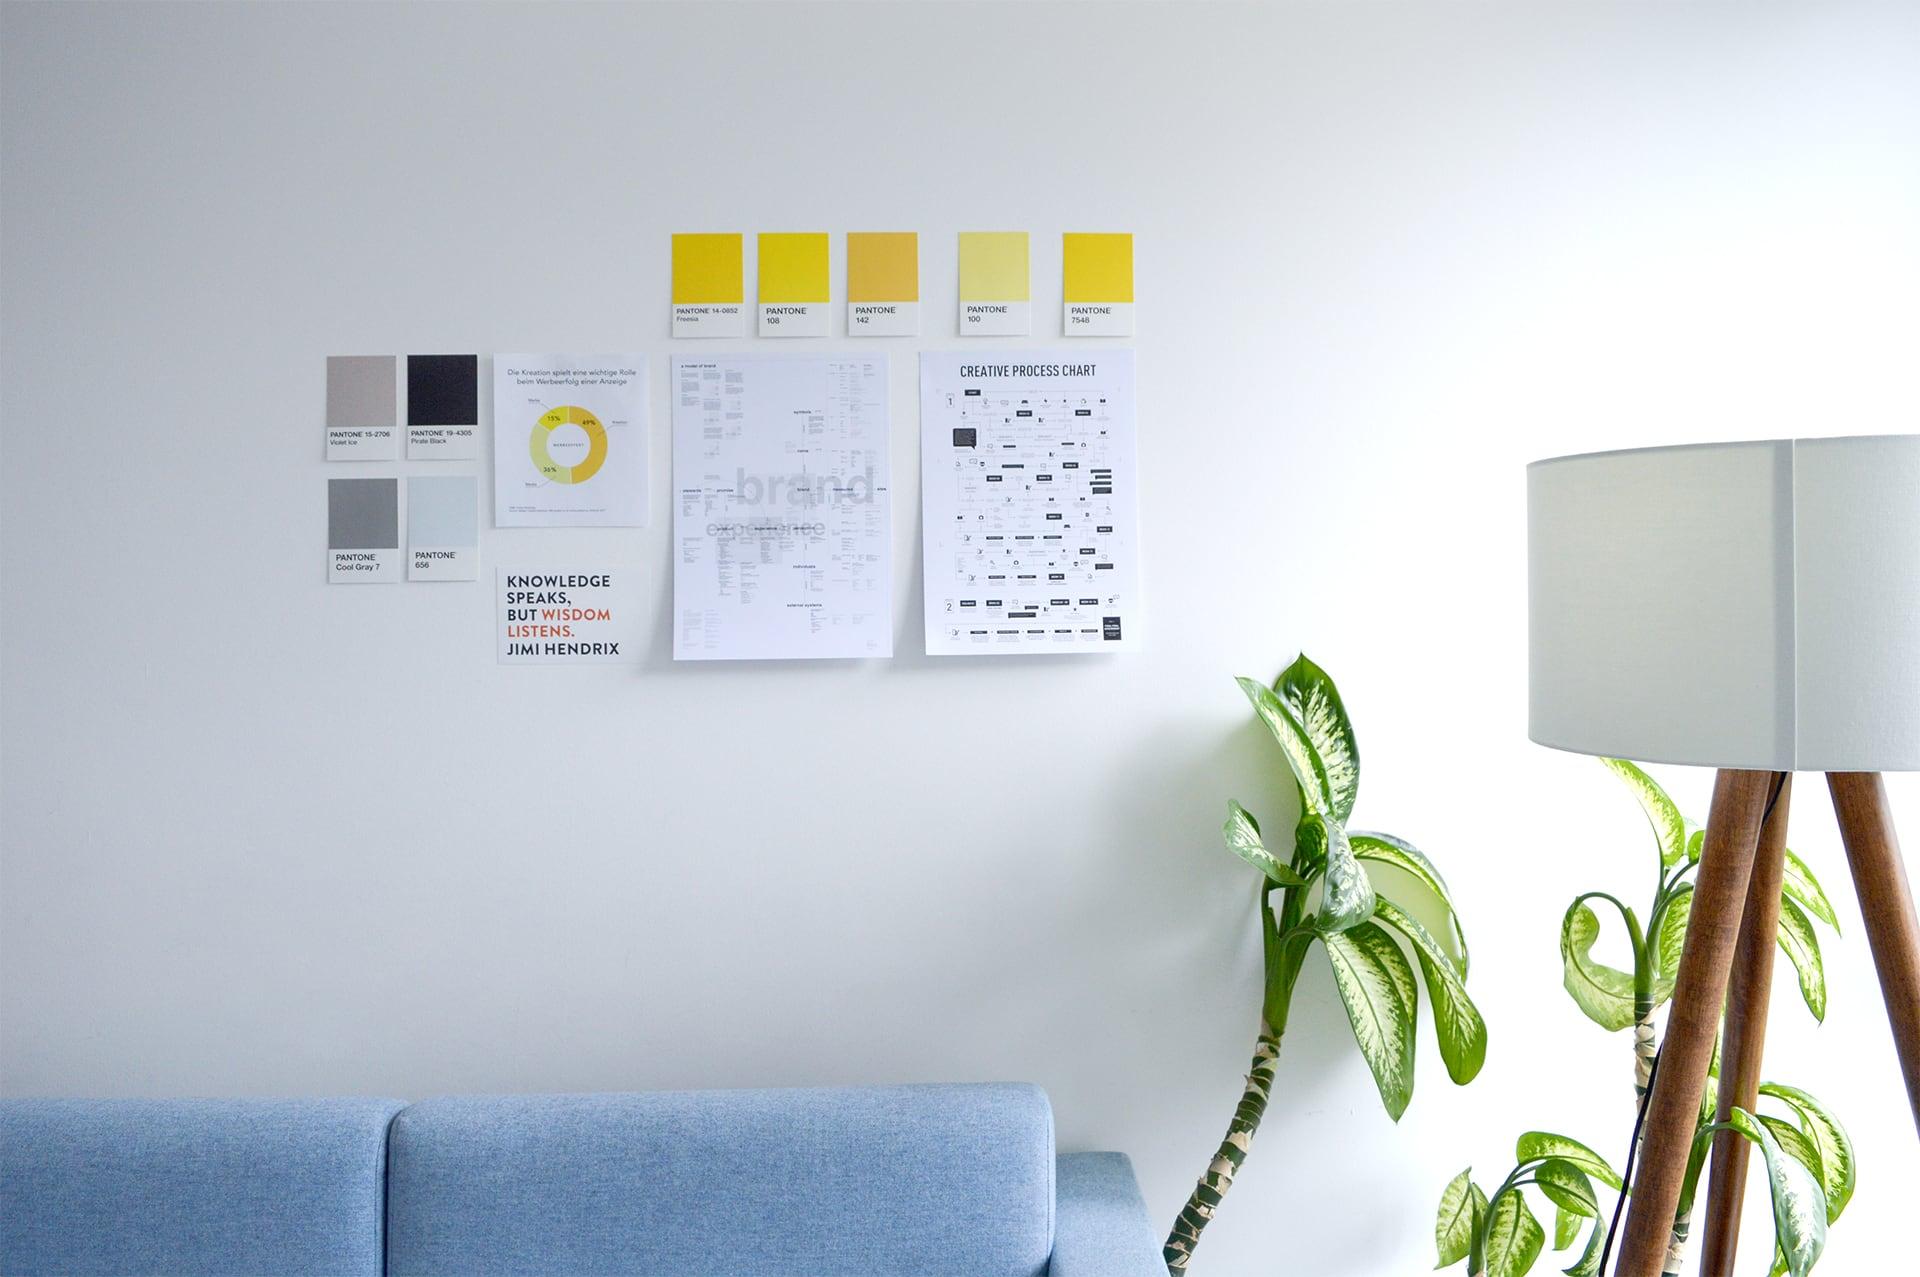 Wand im Besprechungsraum mit Pantone Farben